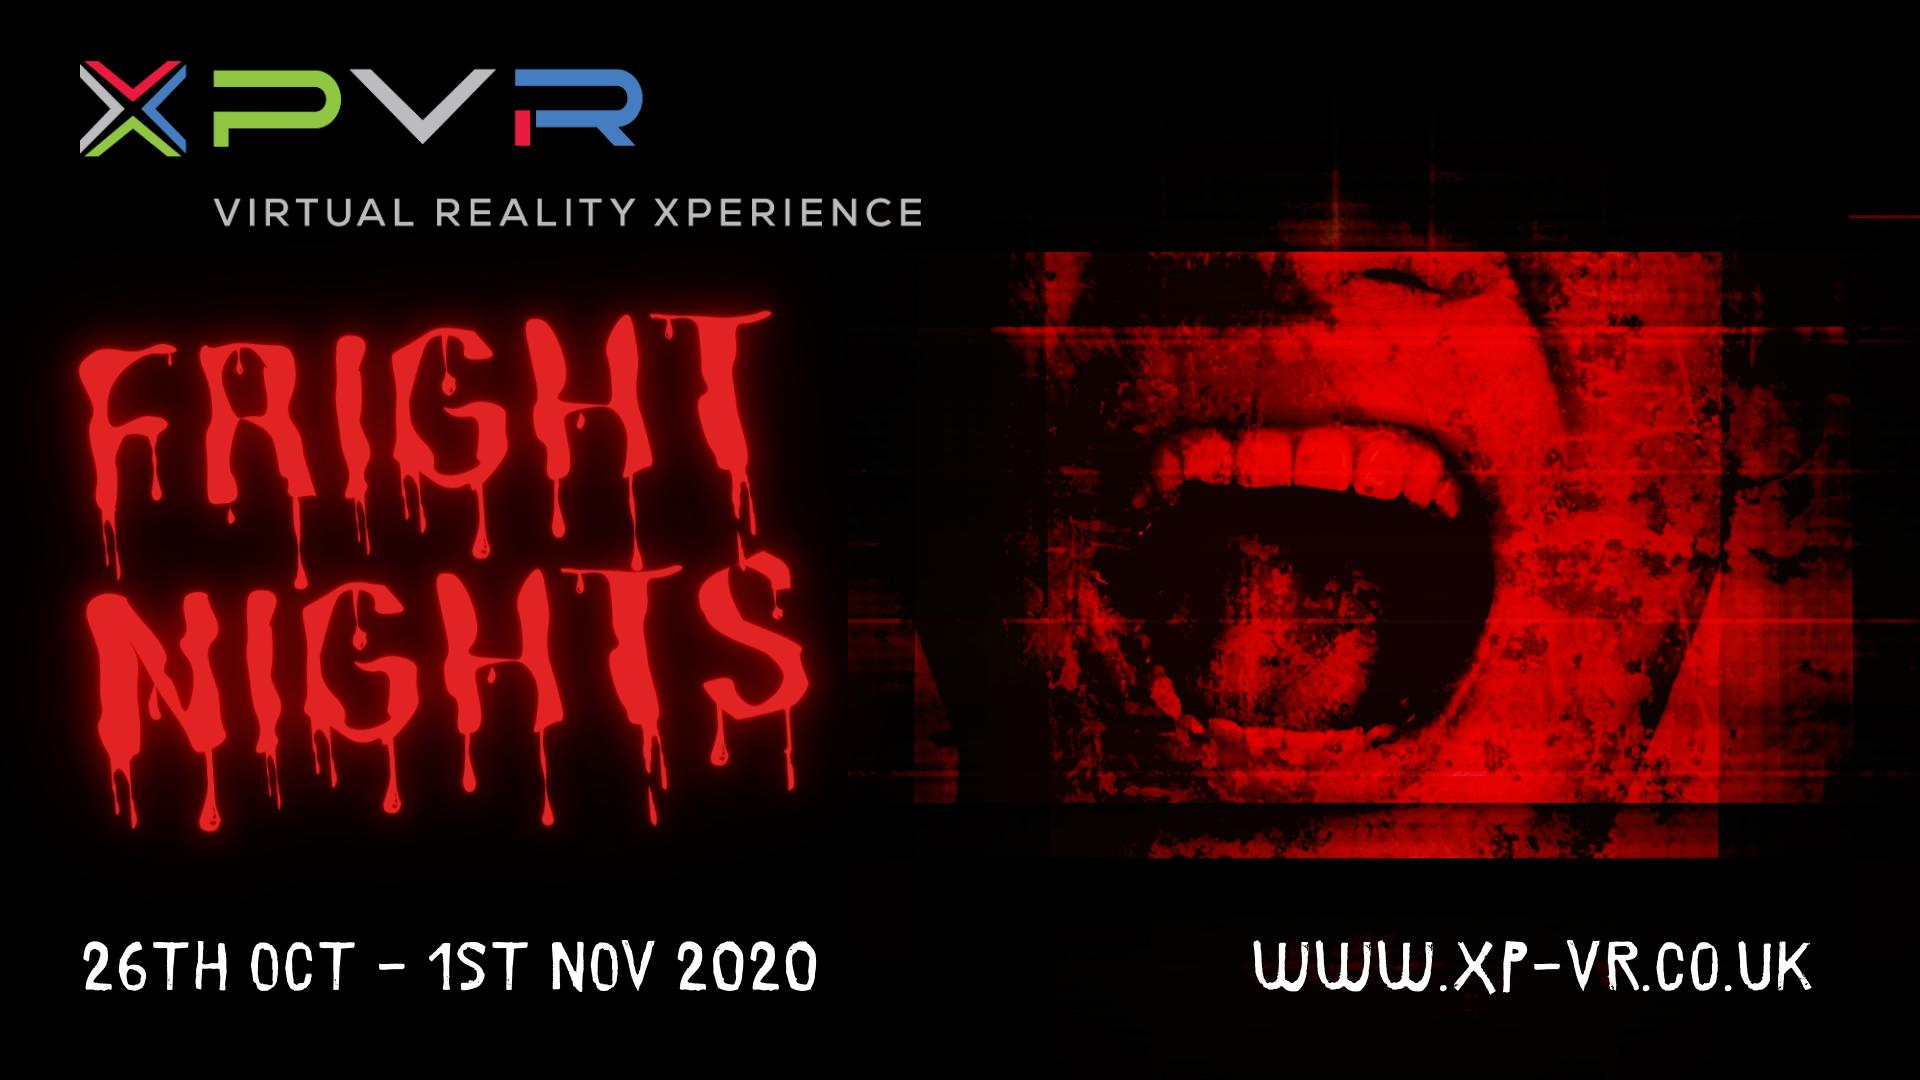 VR Fright Nights at XP-VR